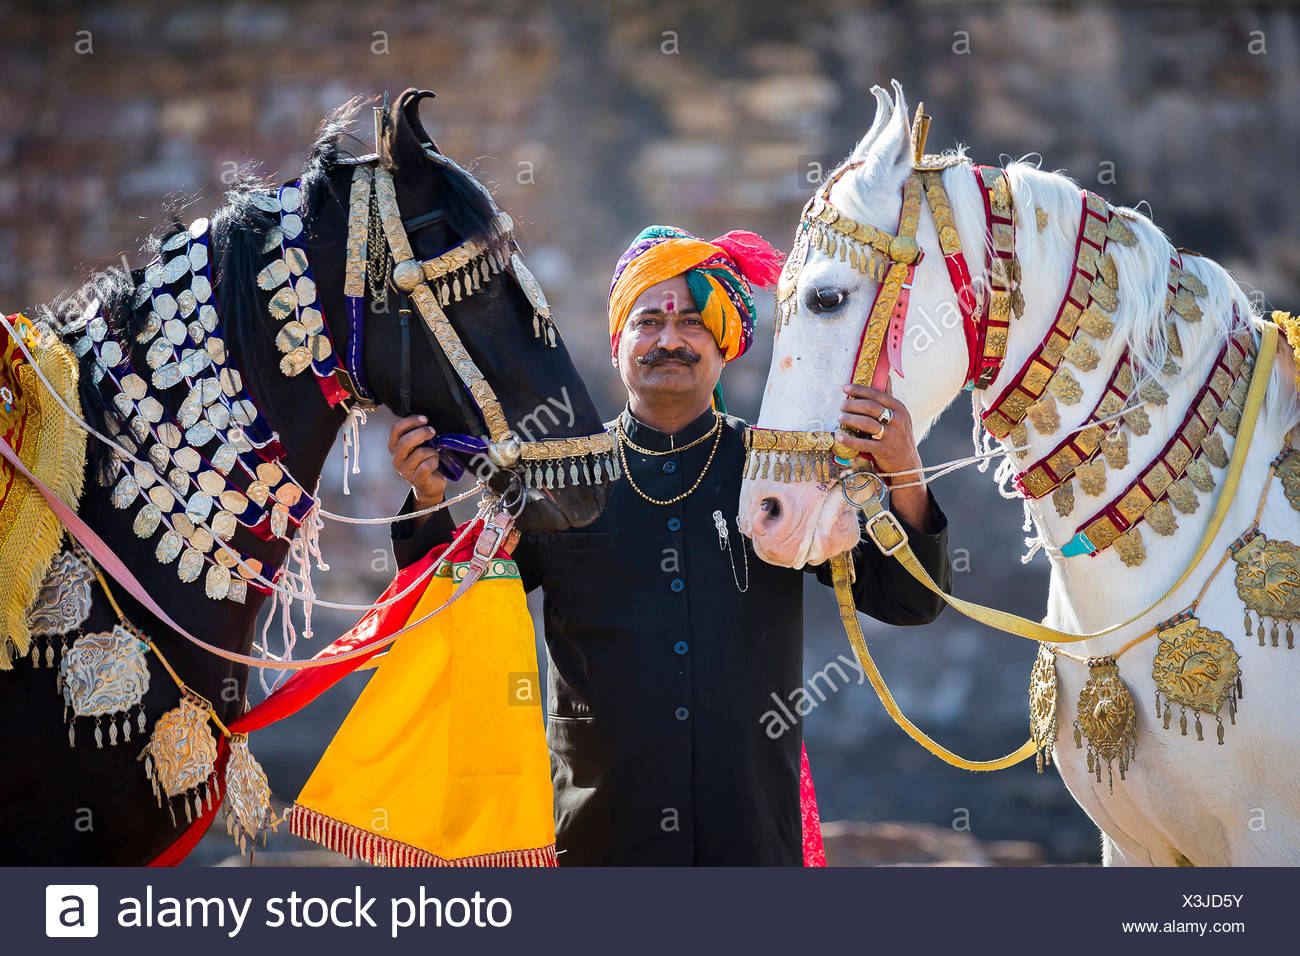 Marwari Pferde. Paar verzierte tanzenden Pferden mit stolzer Besitzer. Rajasthan, Indien Stockbild